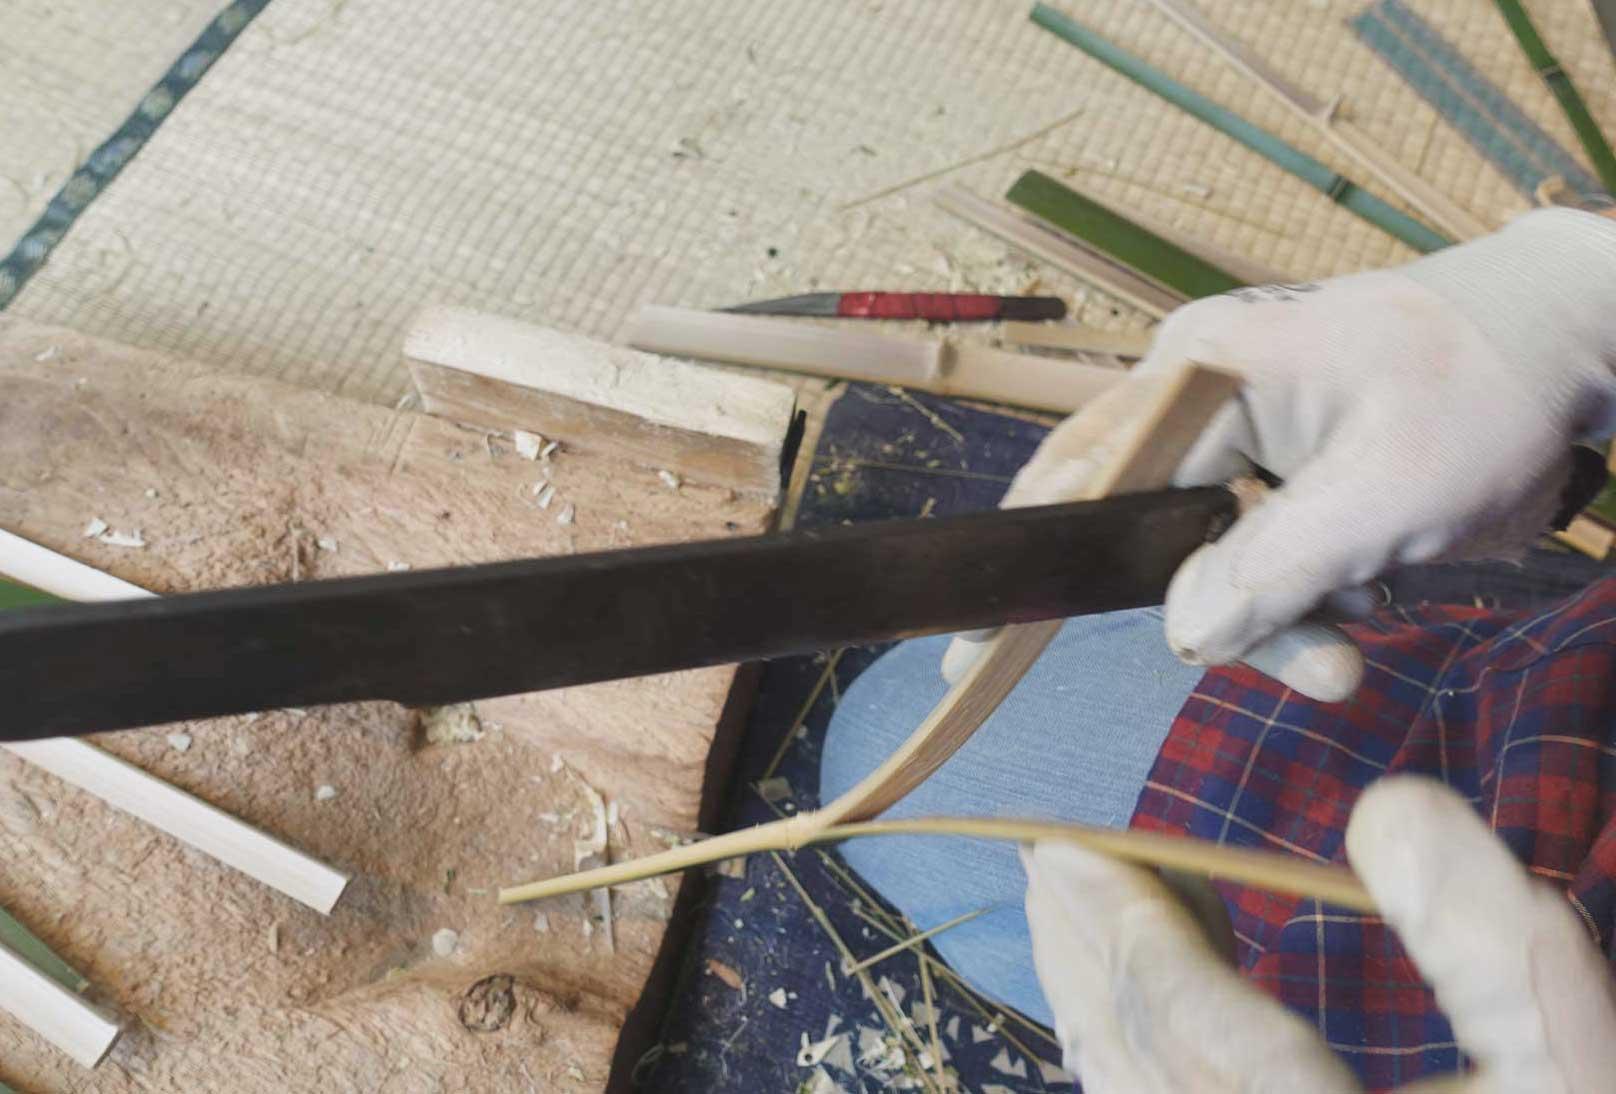 持ち手の部分を作る工程。筒状から一定の幅に割った竹の、内側を削り取る。この幅の調整によって、握りやすさが変わるのだそう。